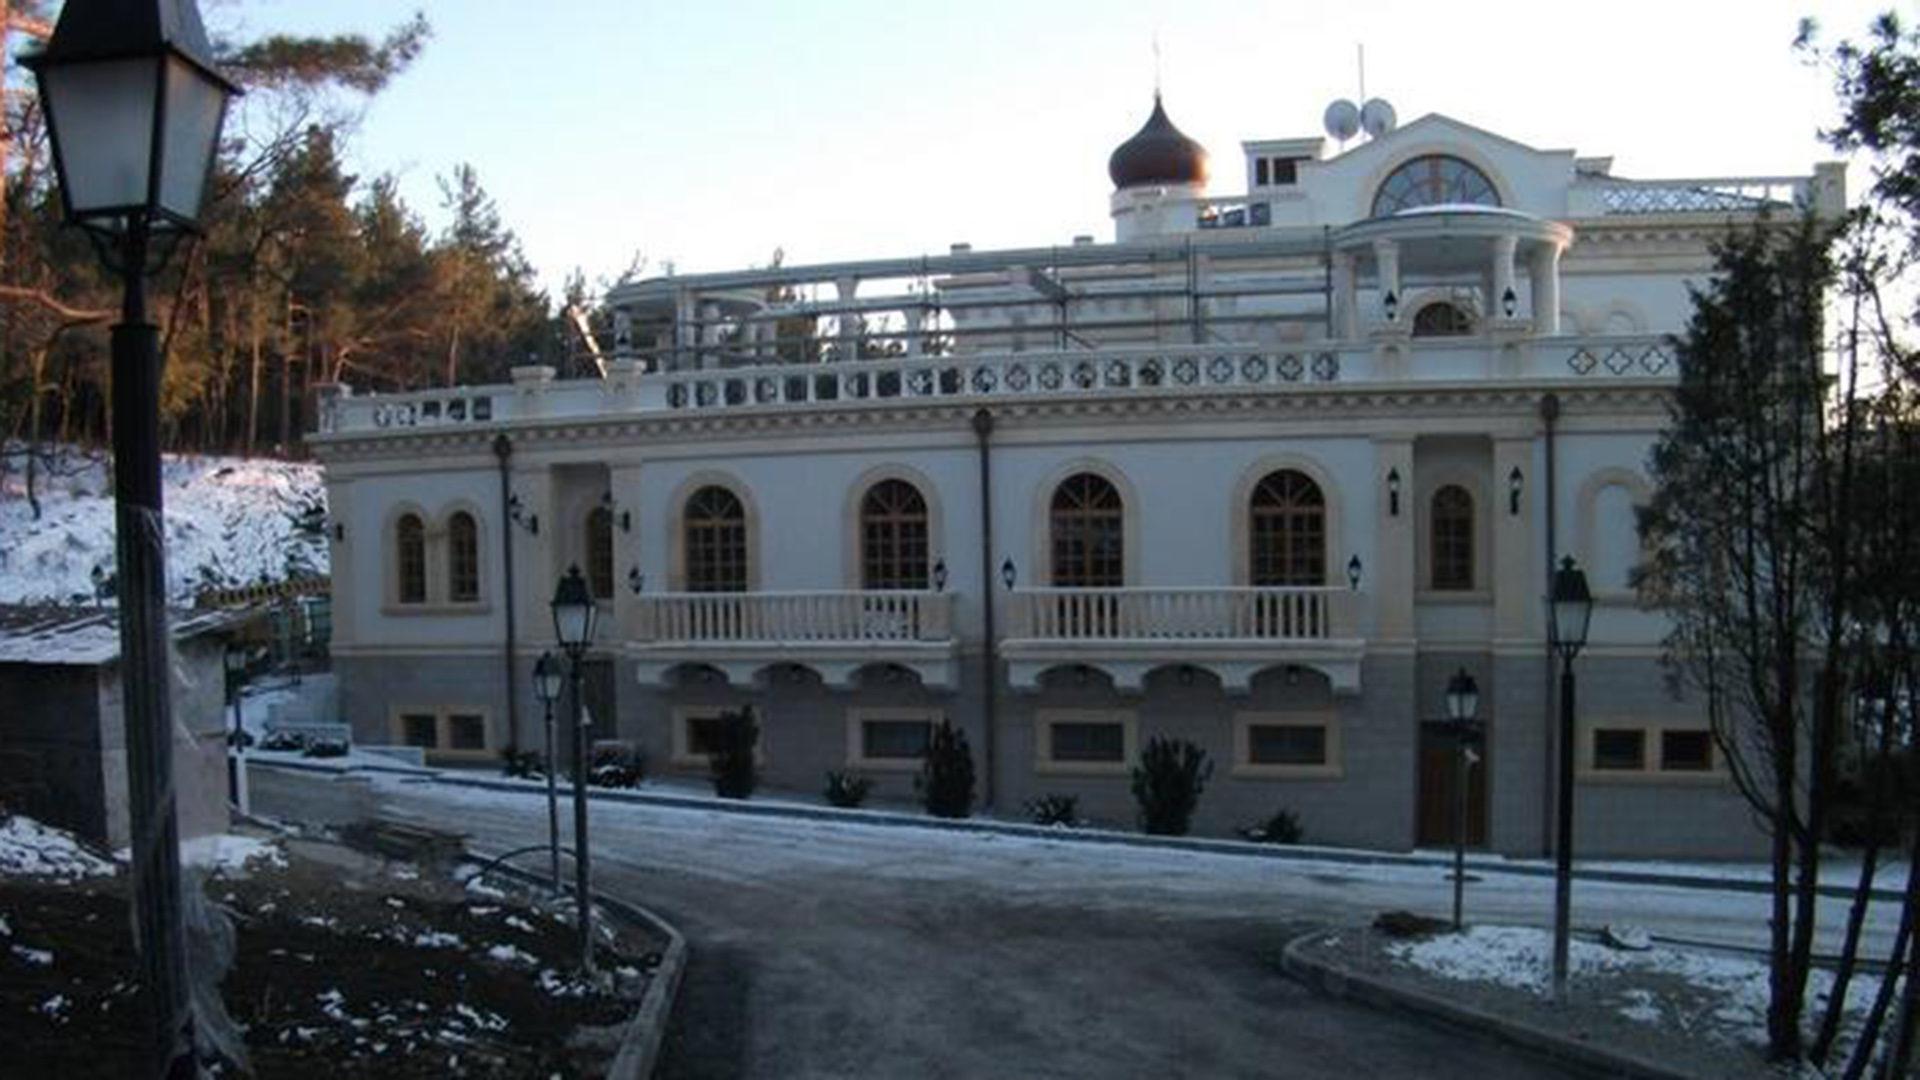 Gelendžhikin palatsi on Moskovan patriarkaatin mukaan kirkollis-hallinnollinen hengellinen keskus, ei Kirillin yksityishuvila.